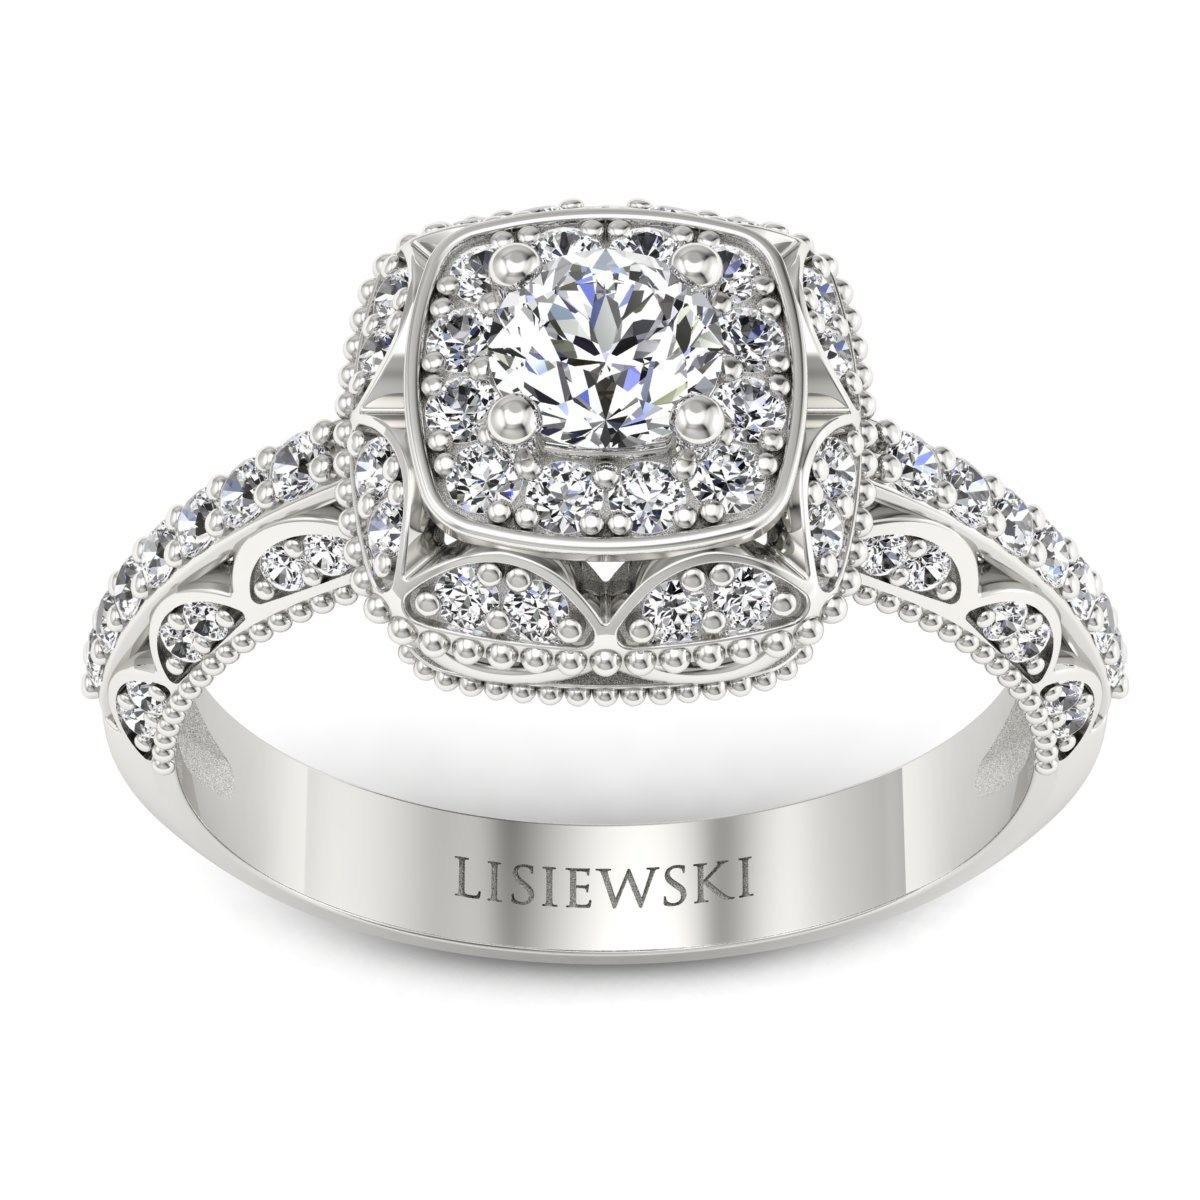 Elizabeth - Platynowy pierścionek z diamentami